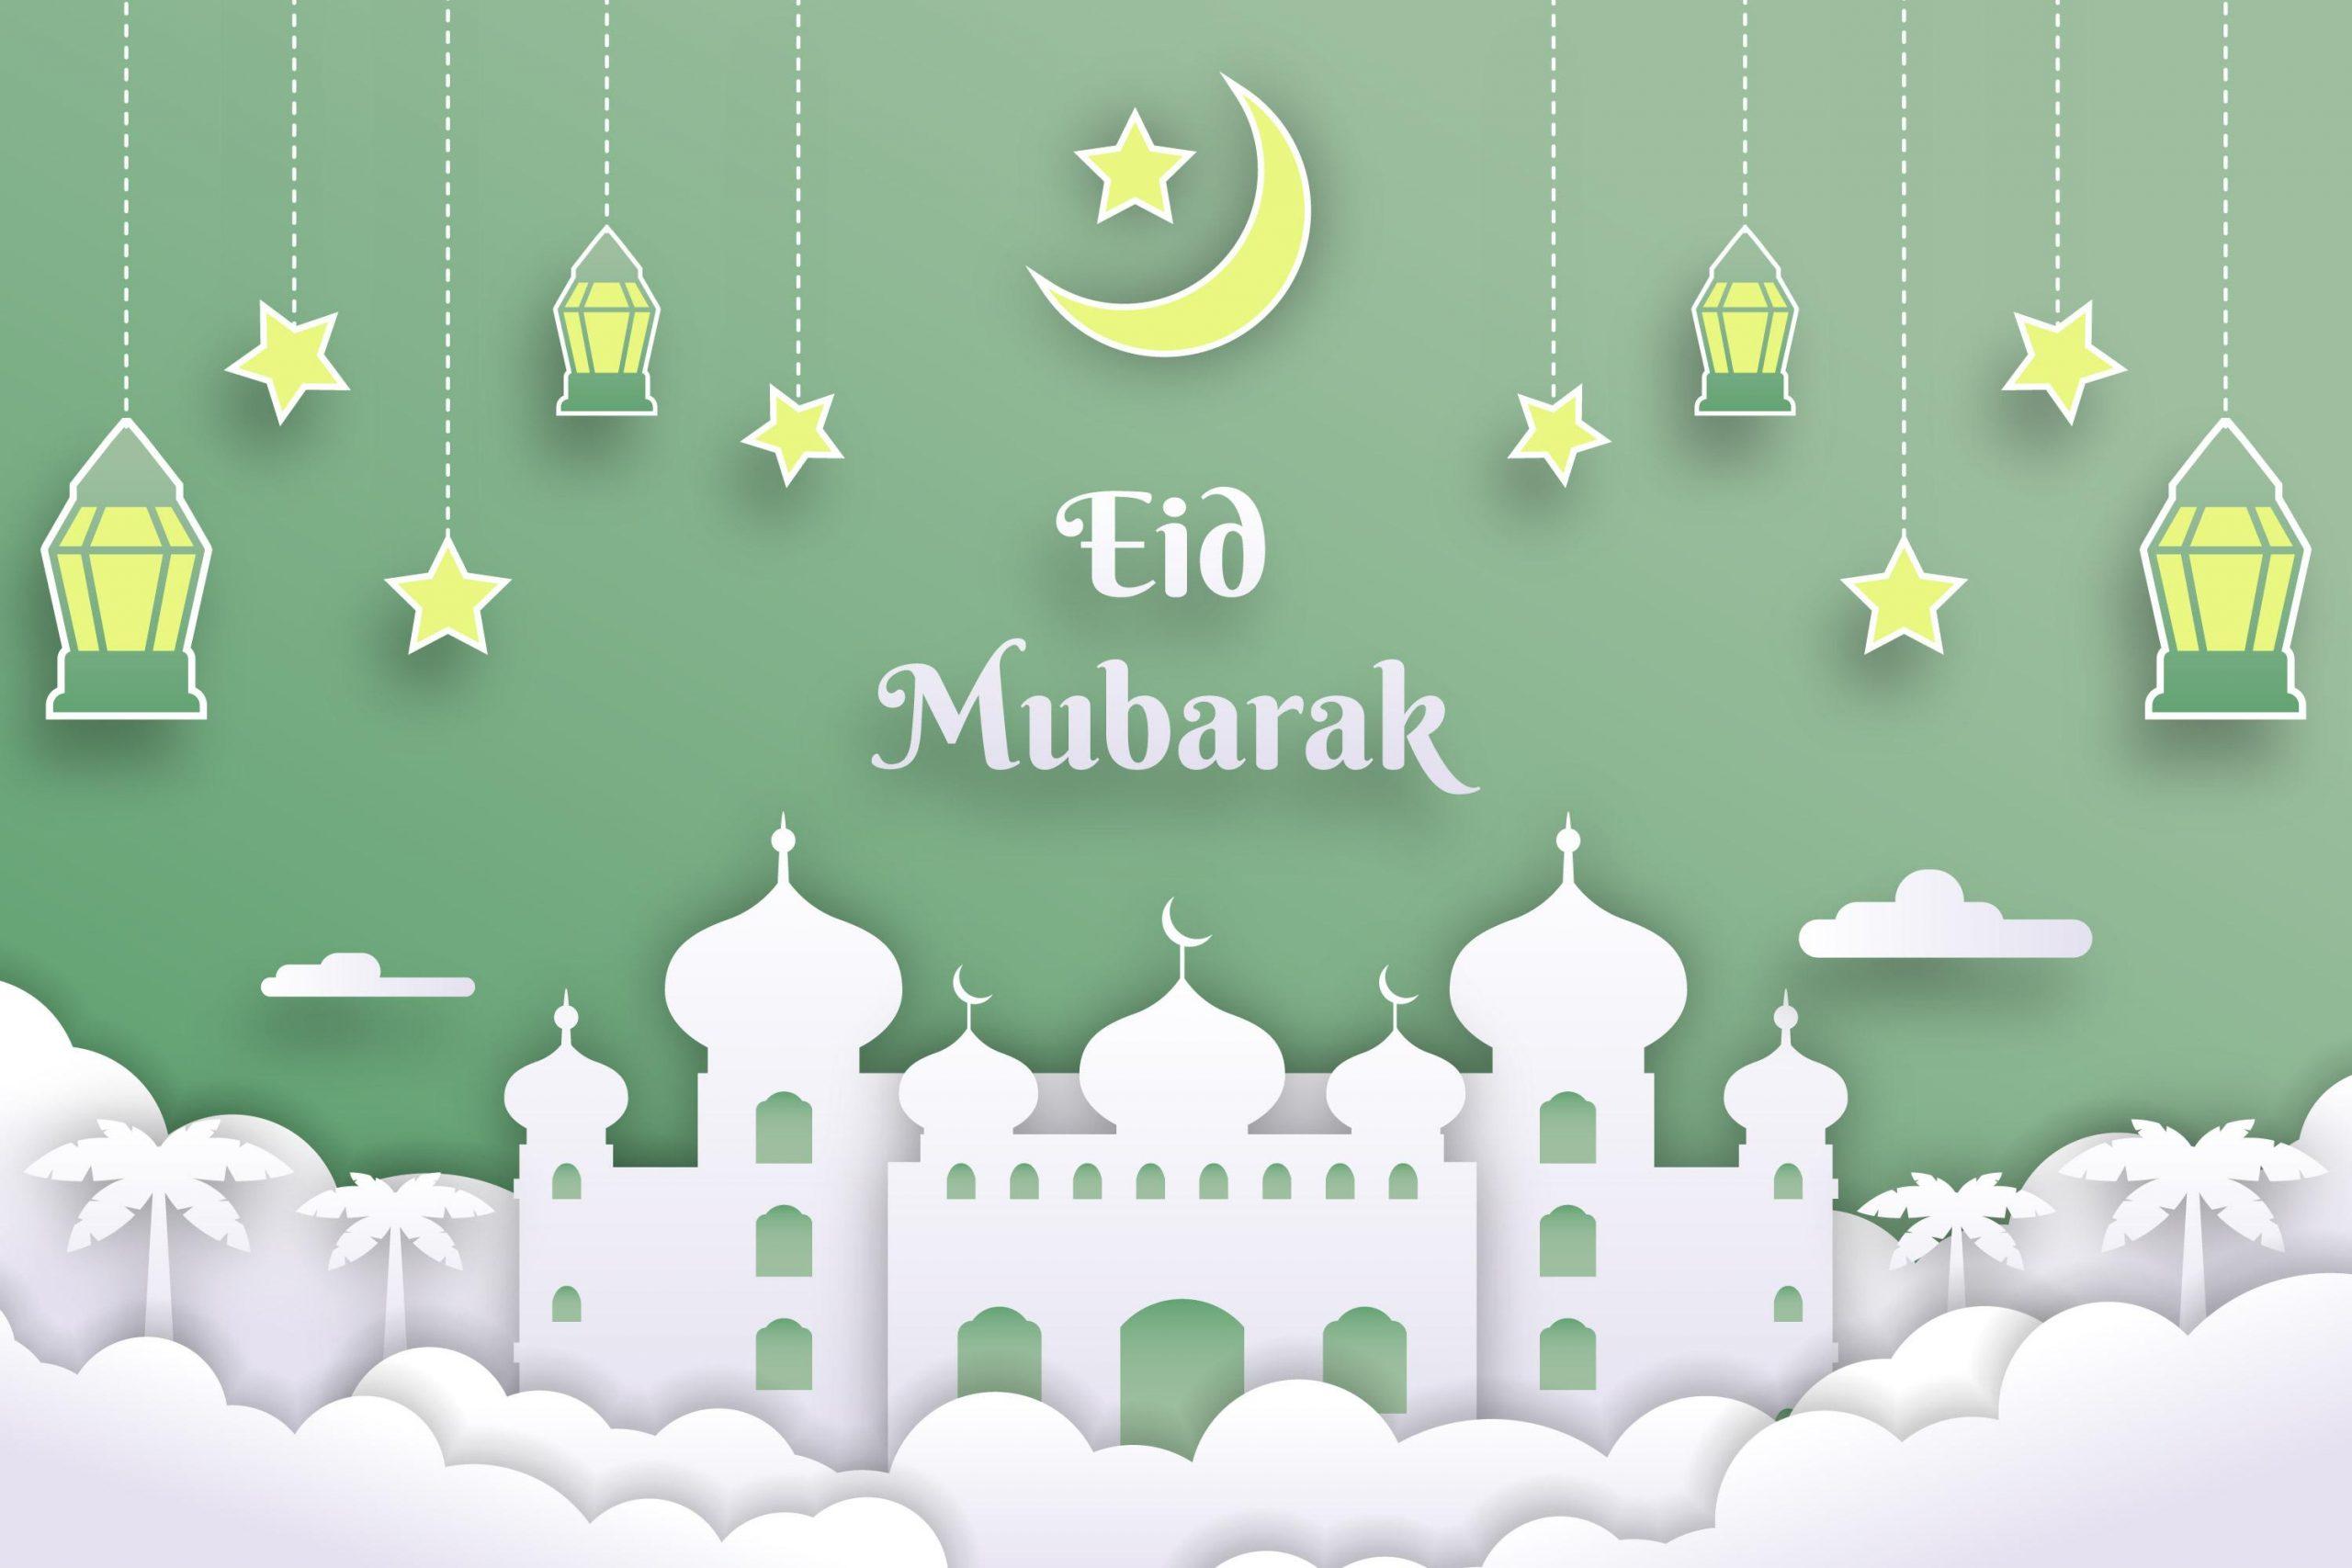 eid image scaled